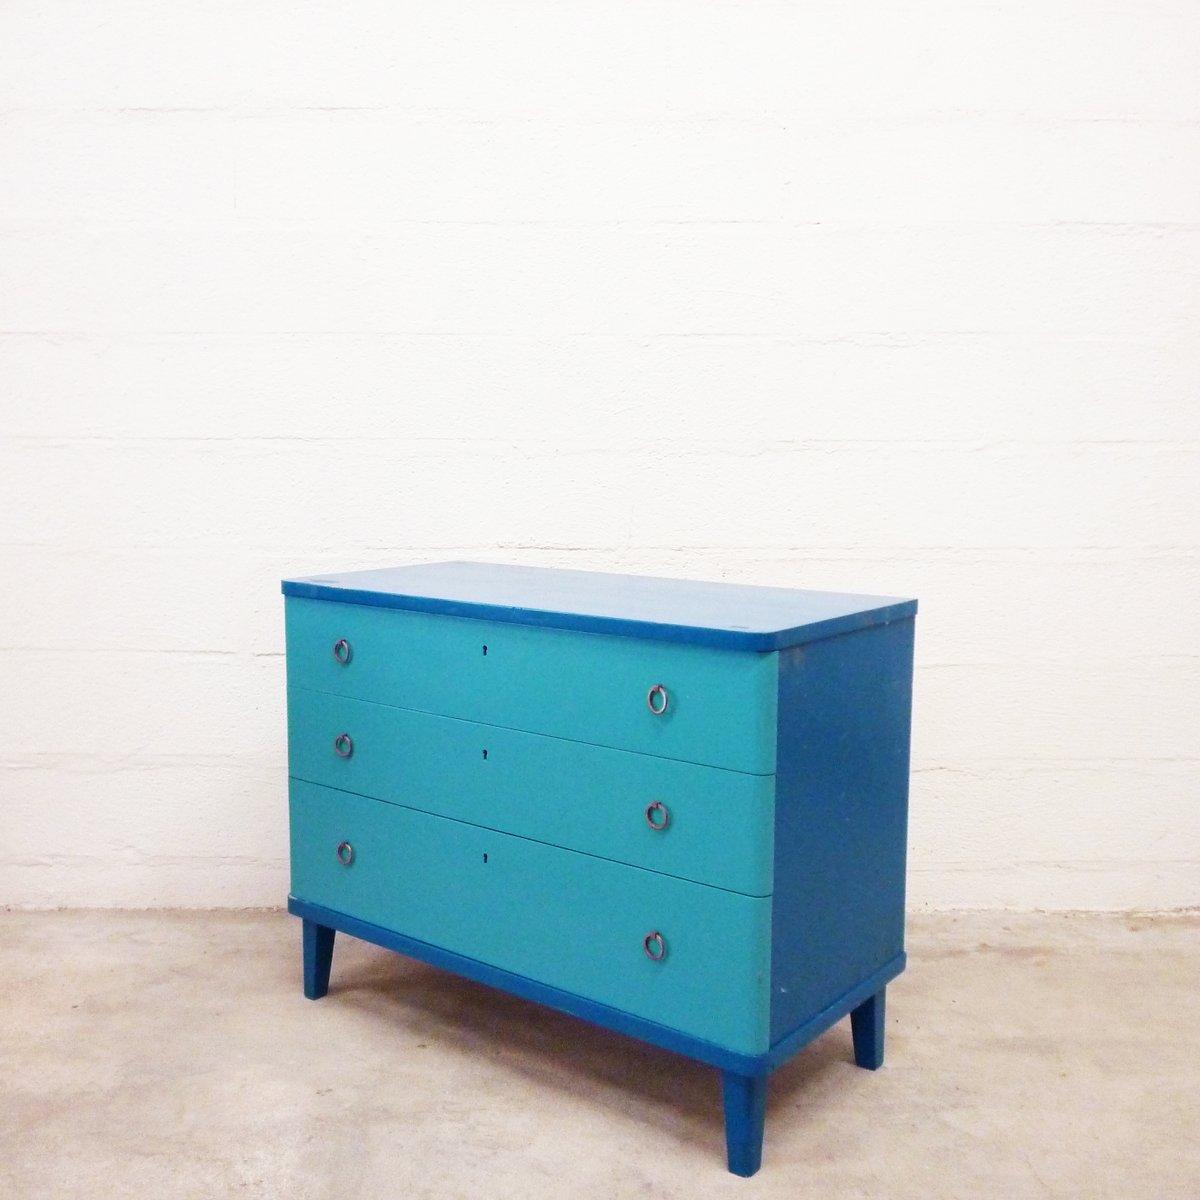 blauer vintage schubladenschrank aus holz bei pamono kaufen. Black Bedroom Furniture Sets. Home Design Ideas